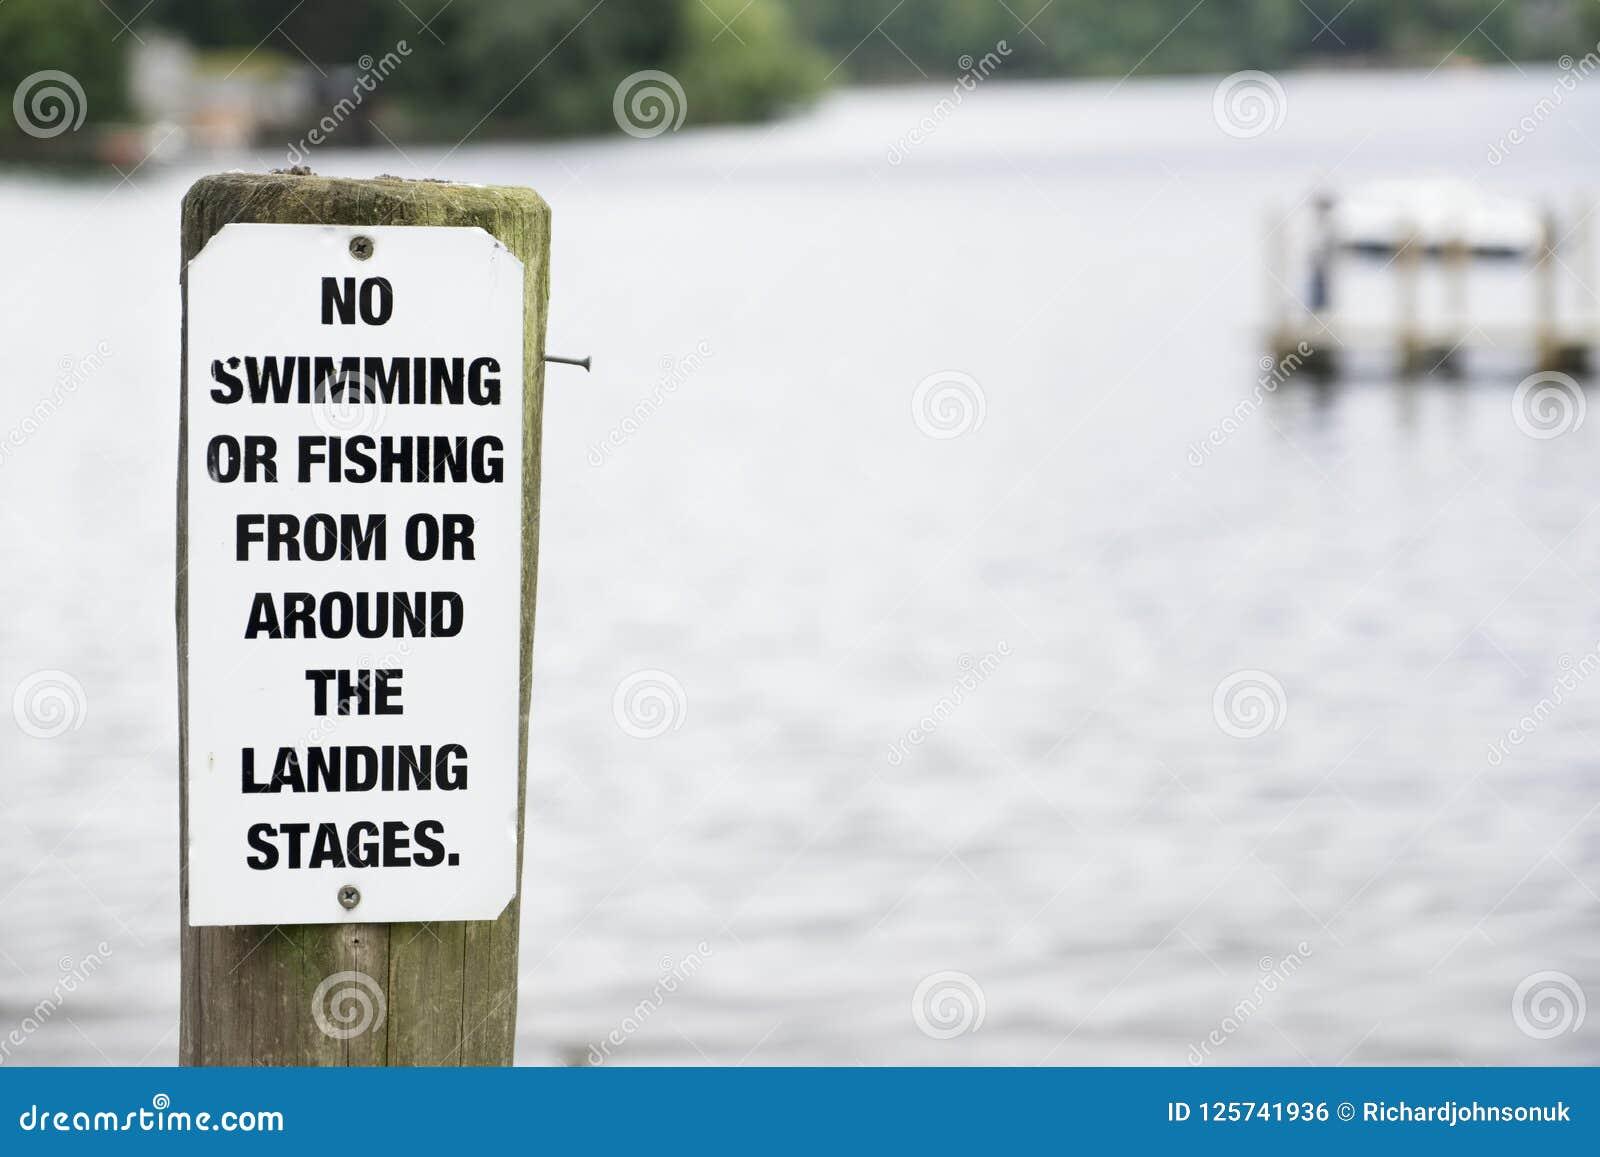 Keine Schwimmen oder Fischen am Seewegweiser auf hölzernem Anlegestellenpier